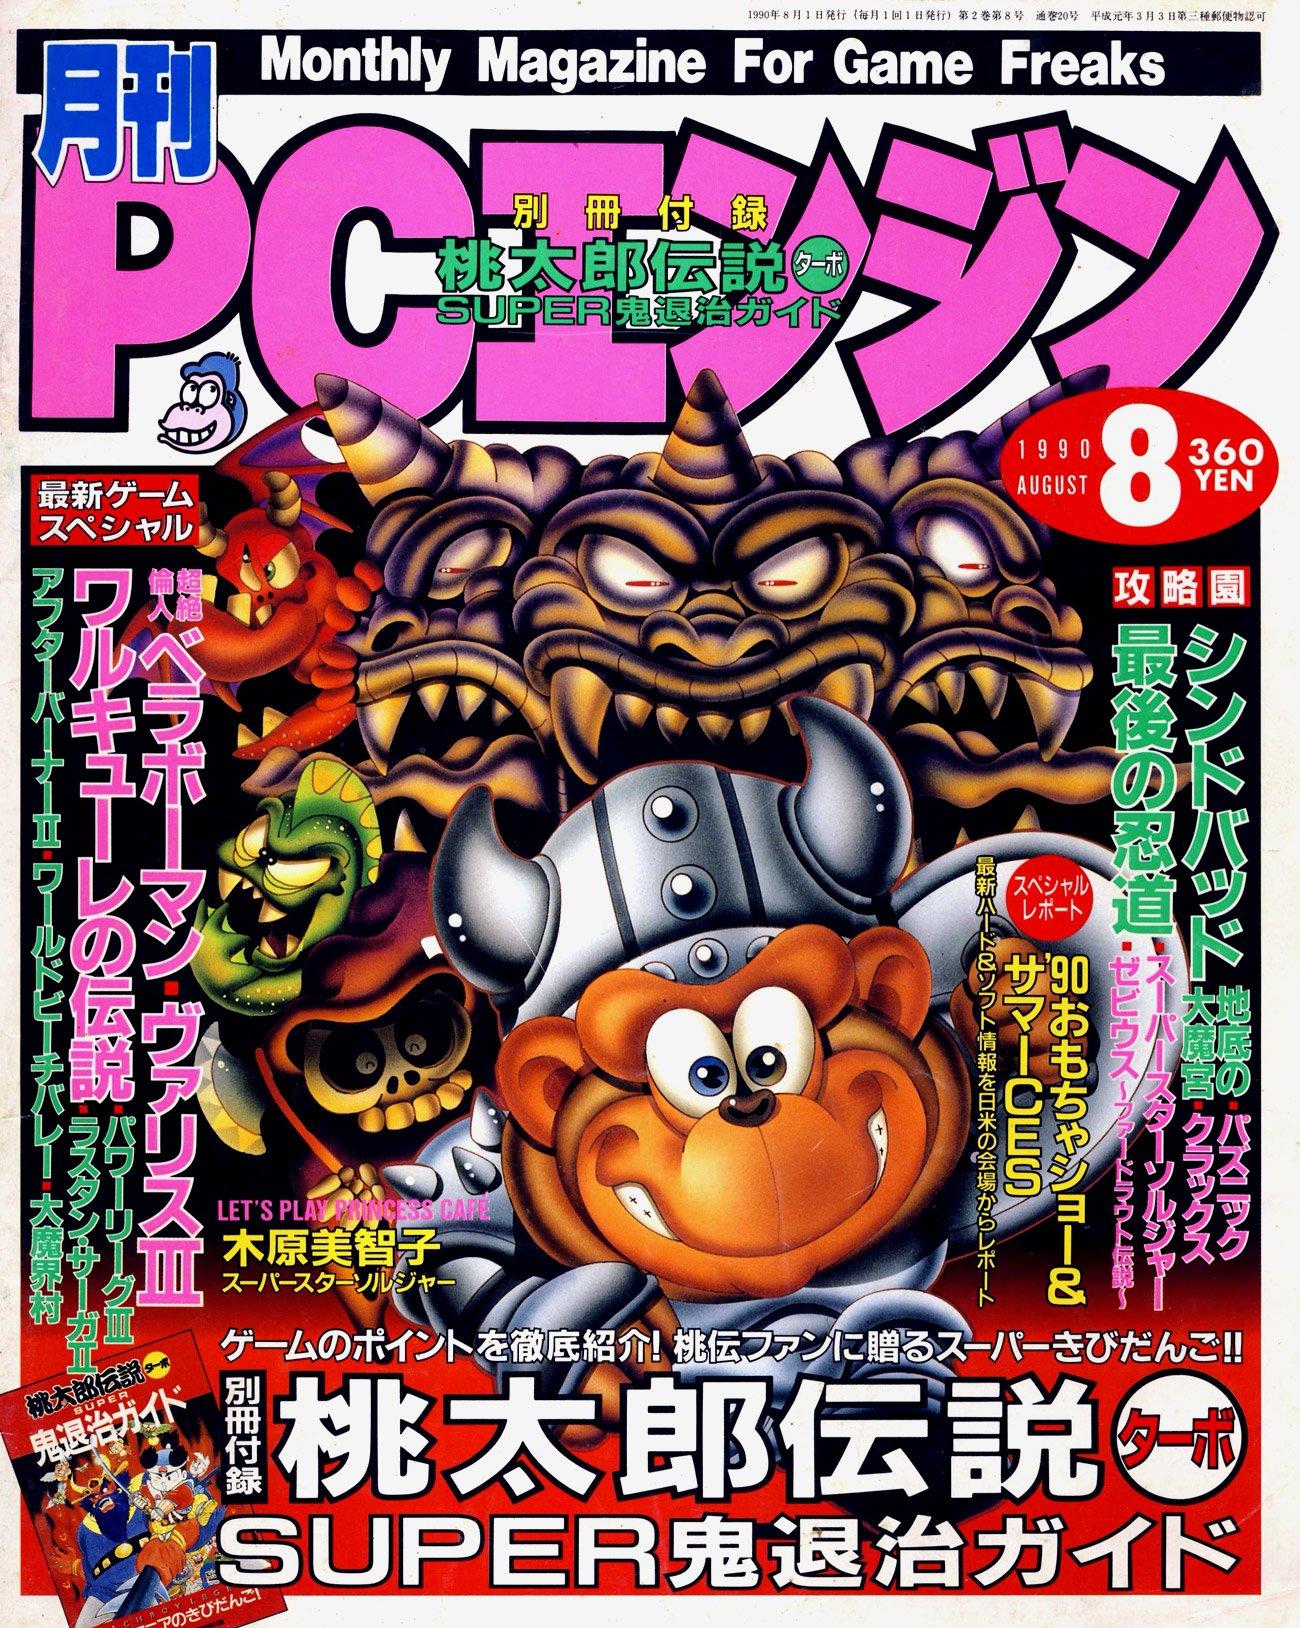 Gekkan PC Engine Issue 20 (August 1990)